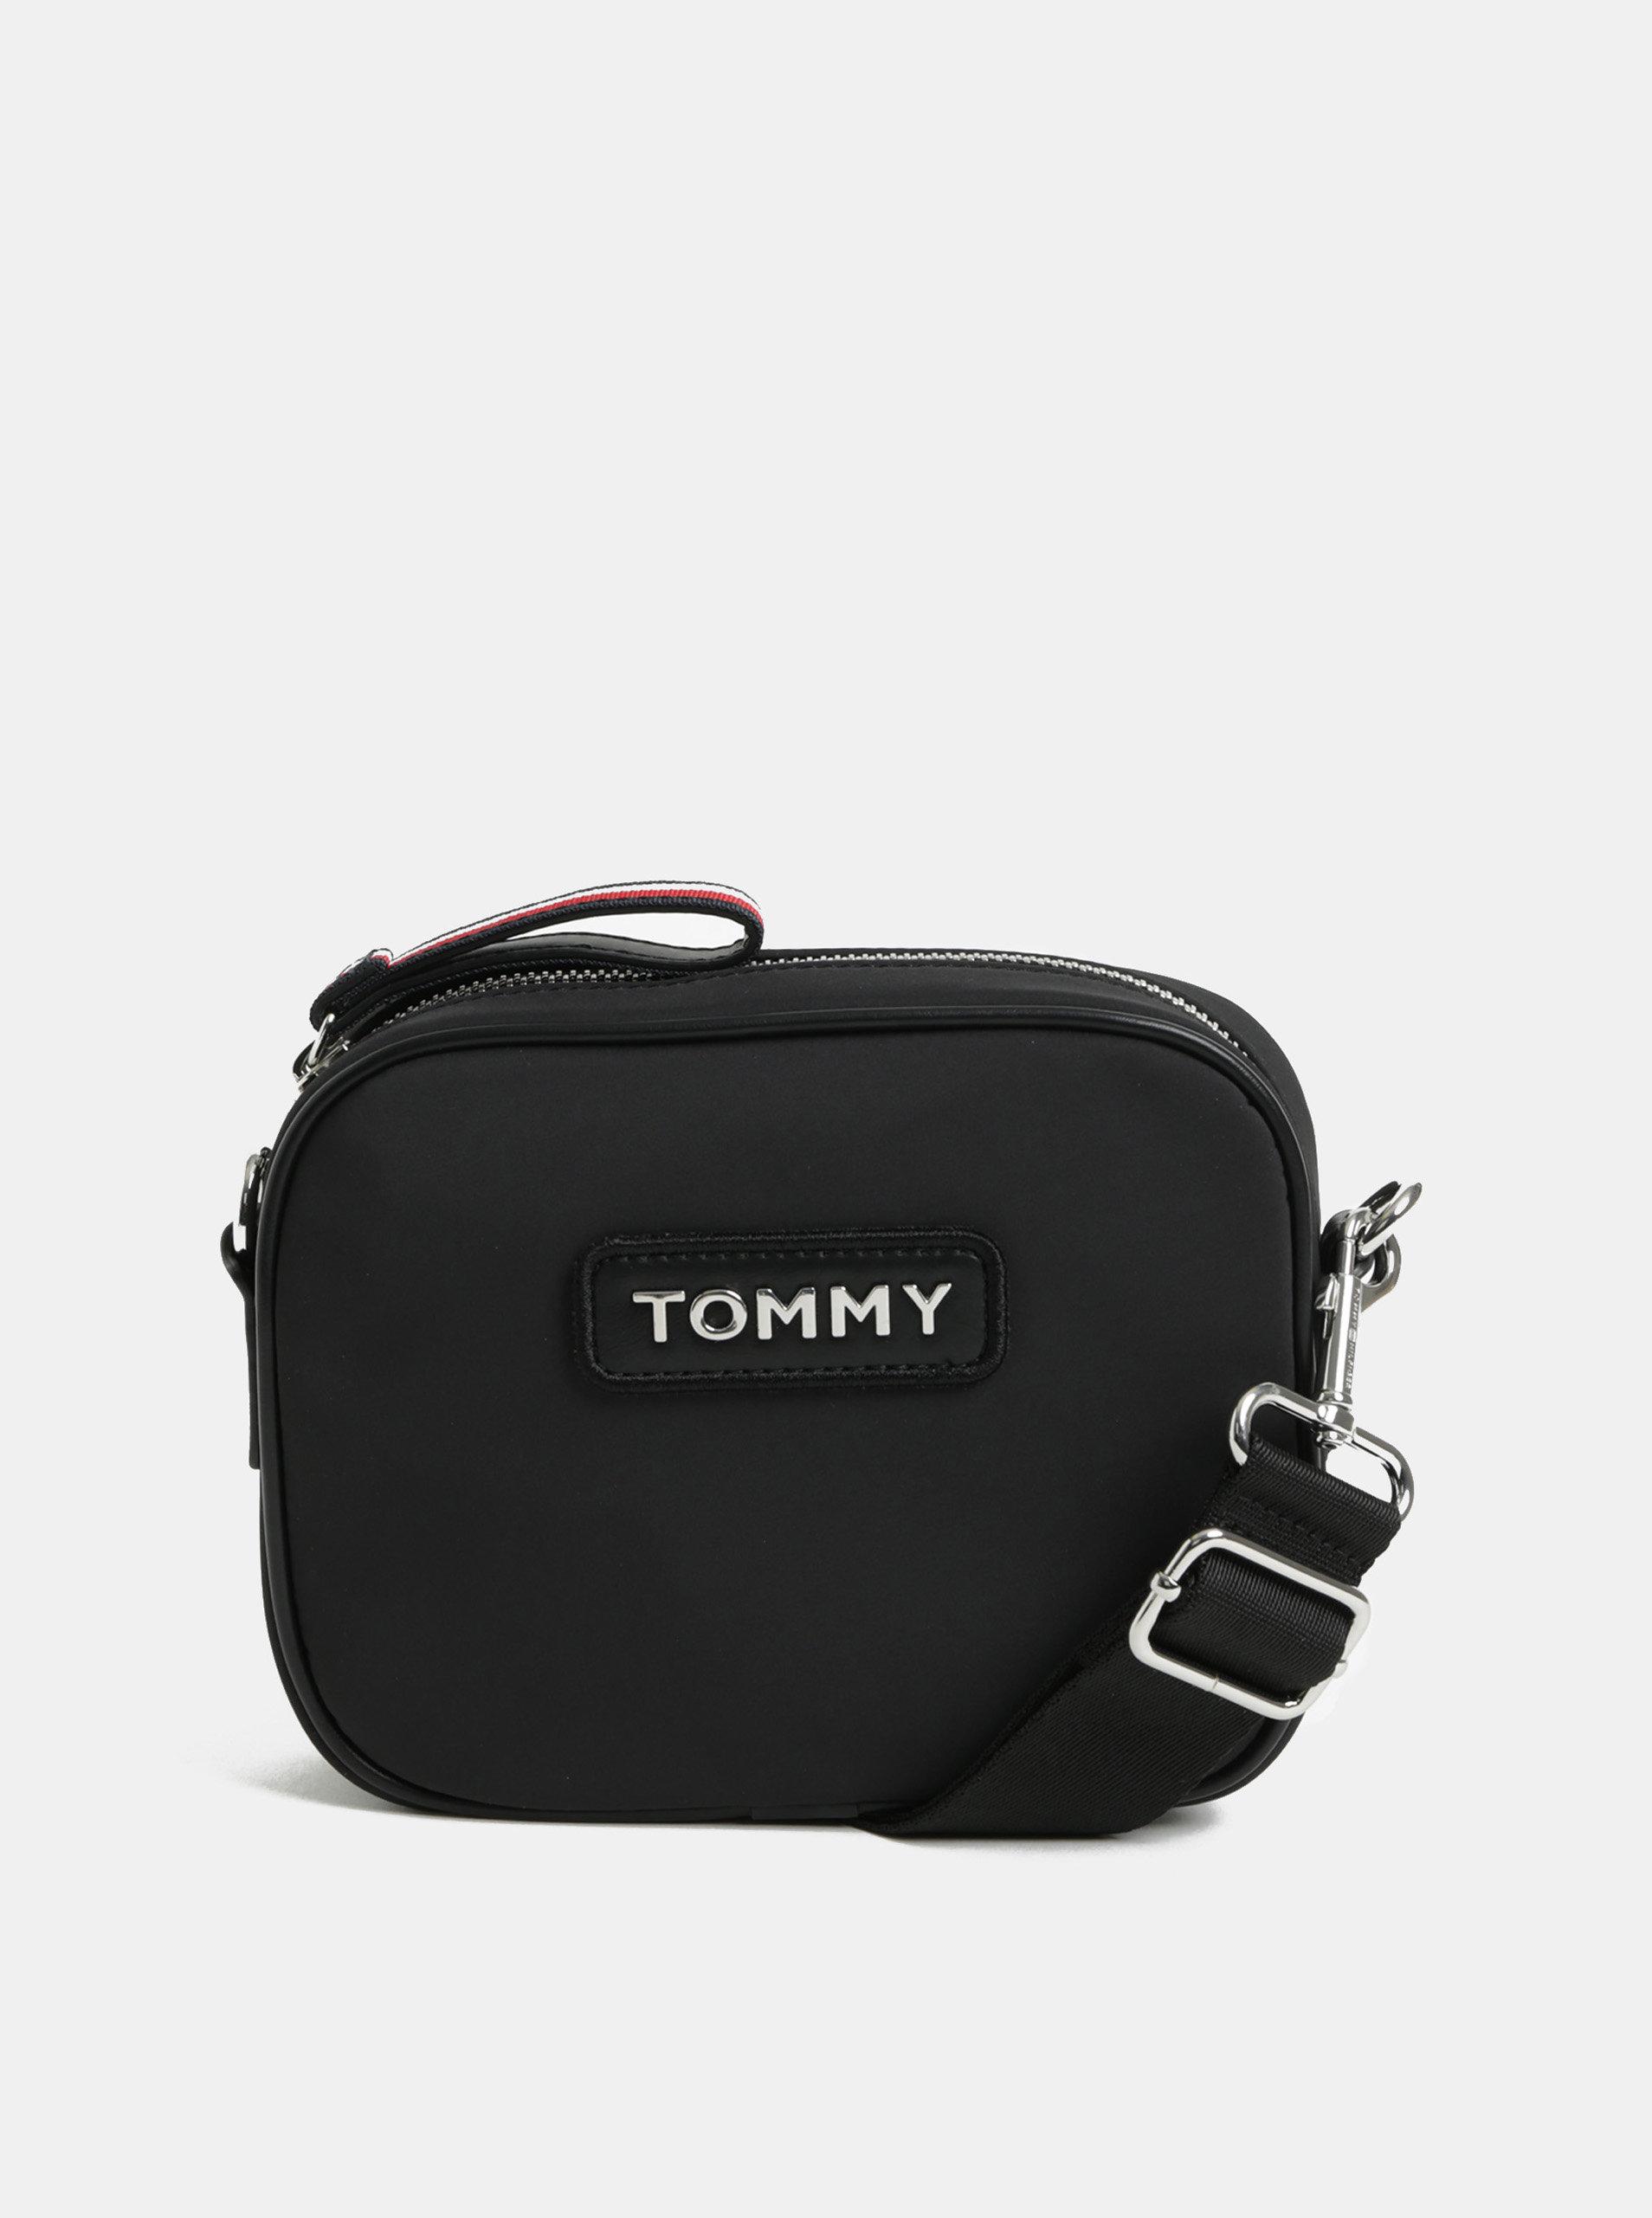 Černá crossbody kabelka Tommy Hilfiger ... 9e1608048a3